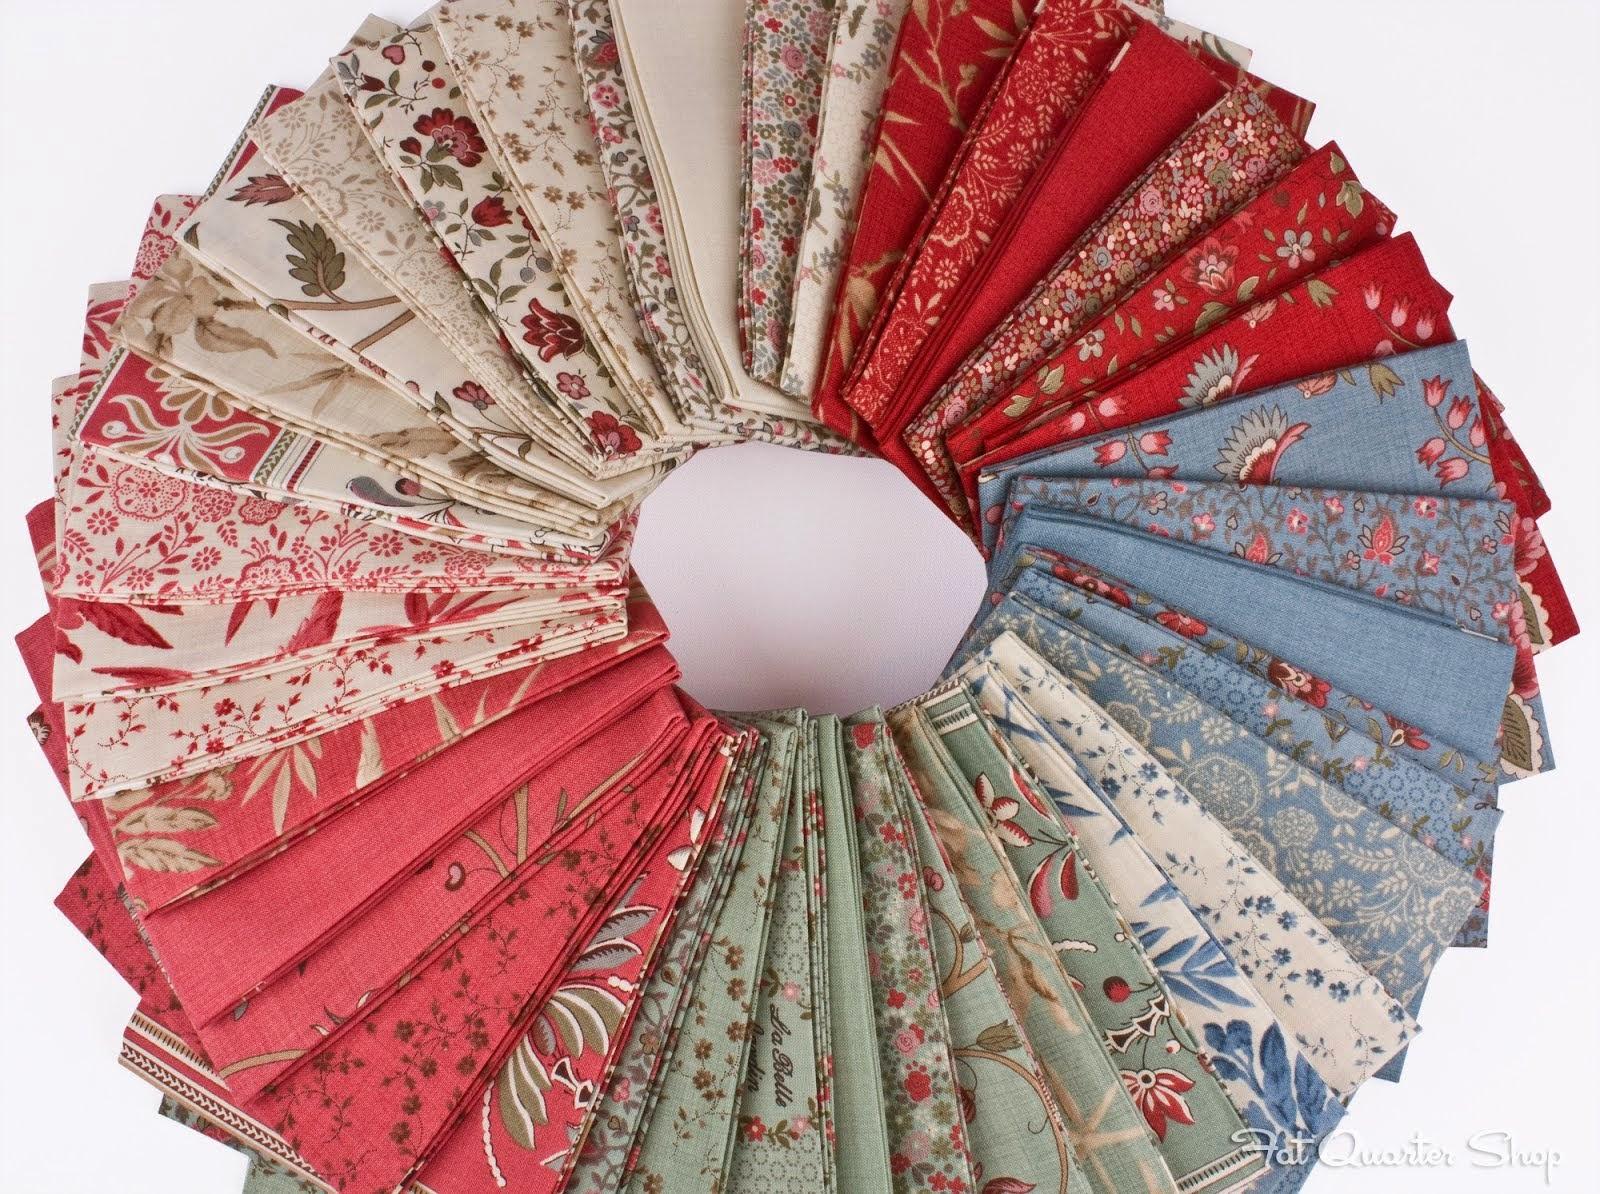 New fabrics have arrived for La belle fleur